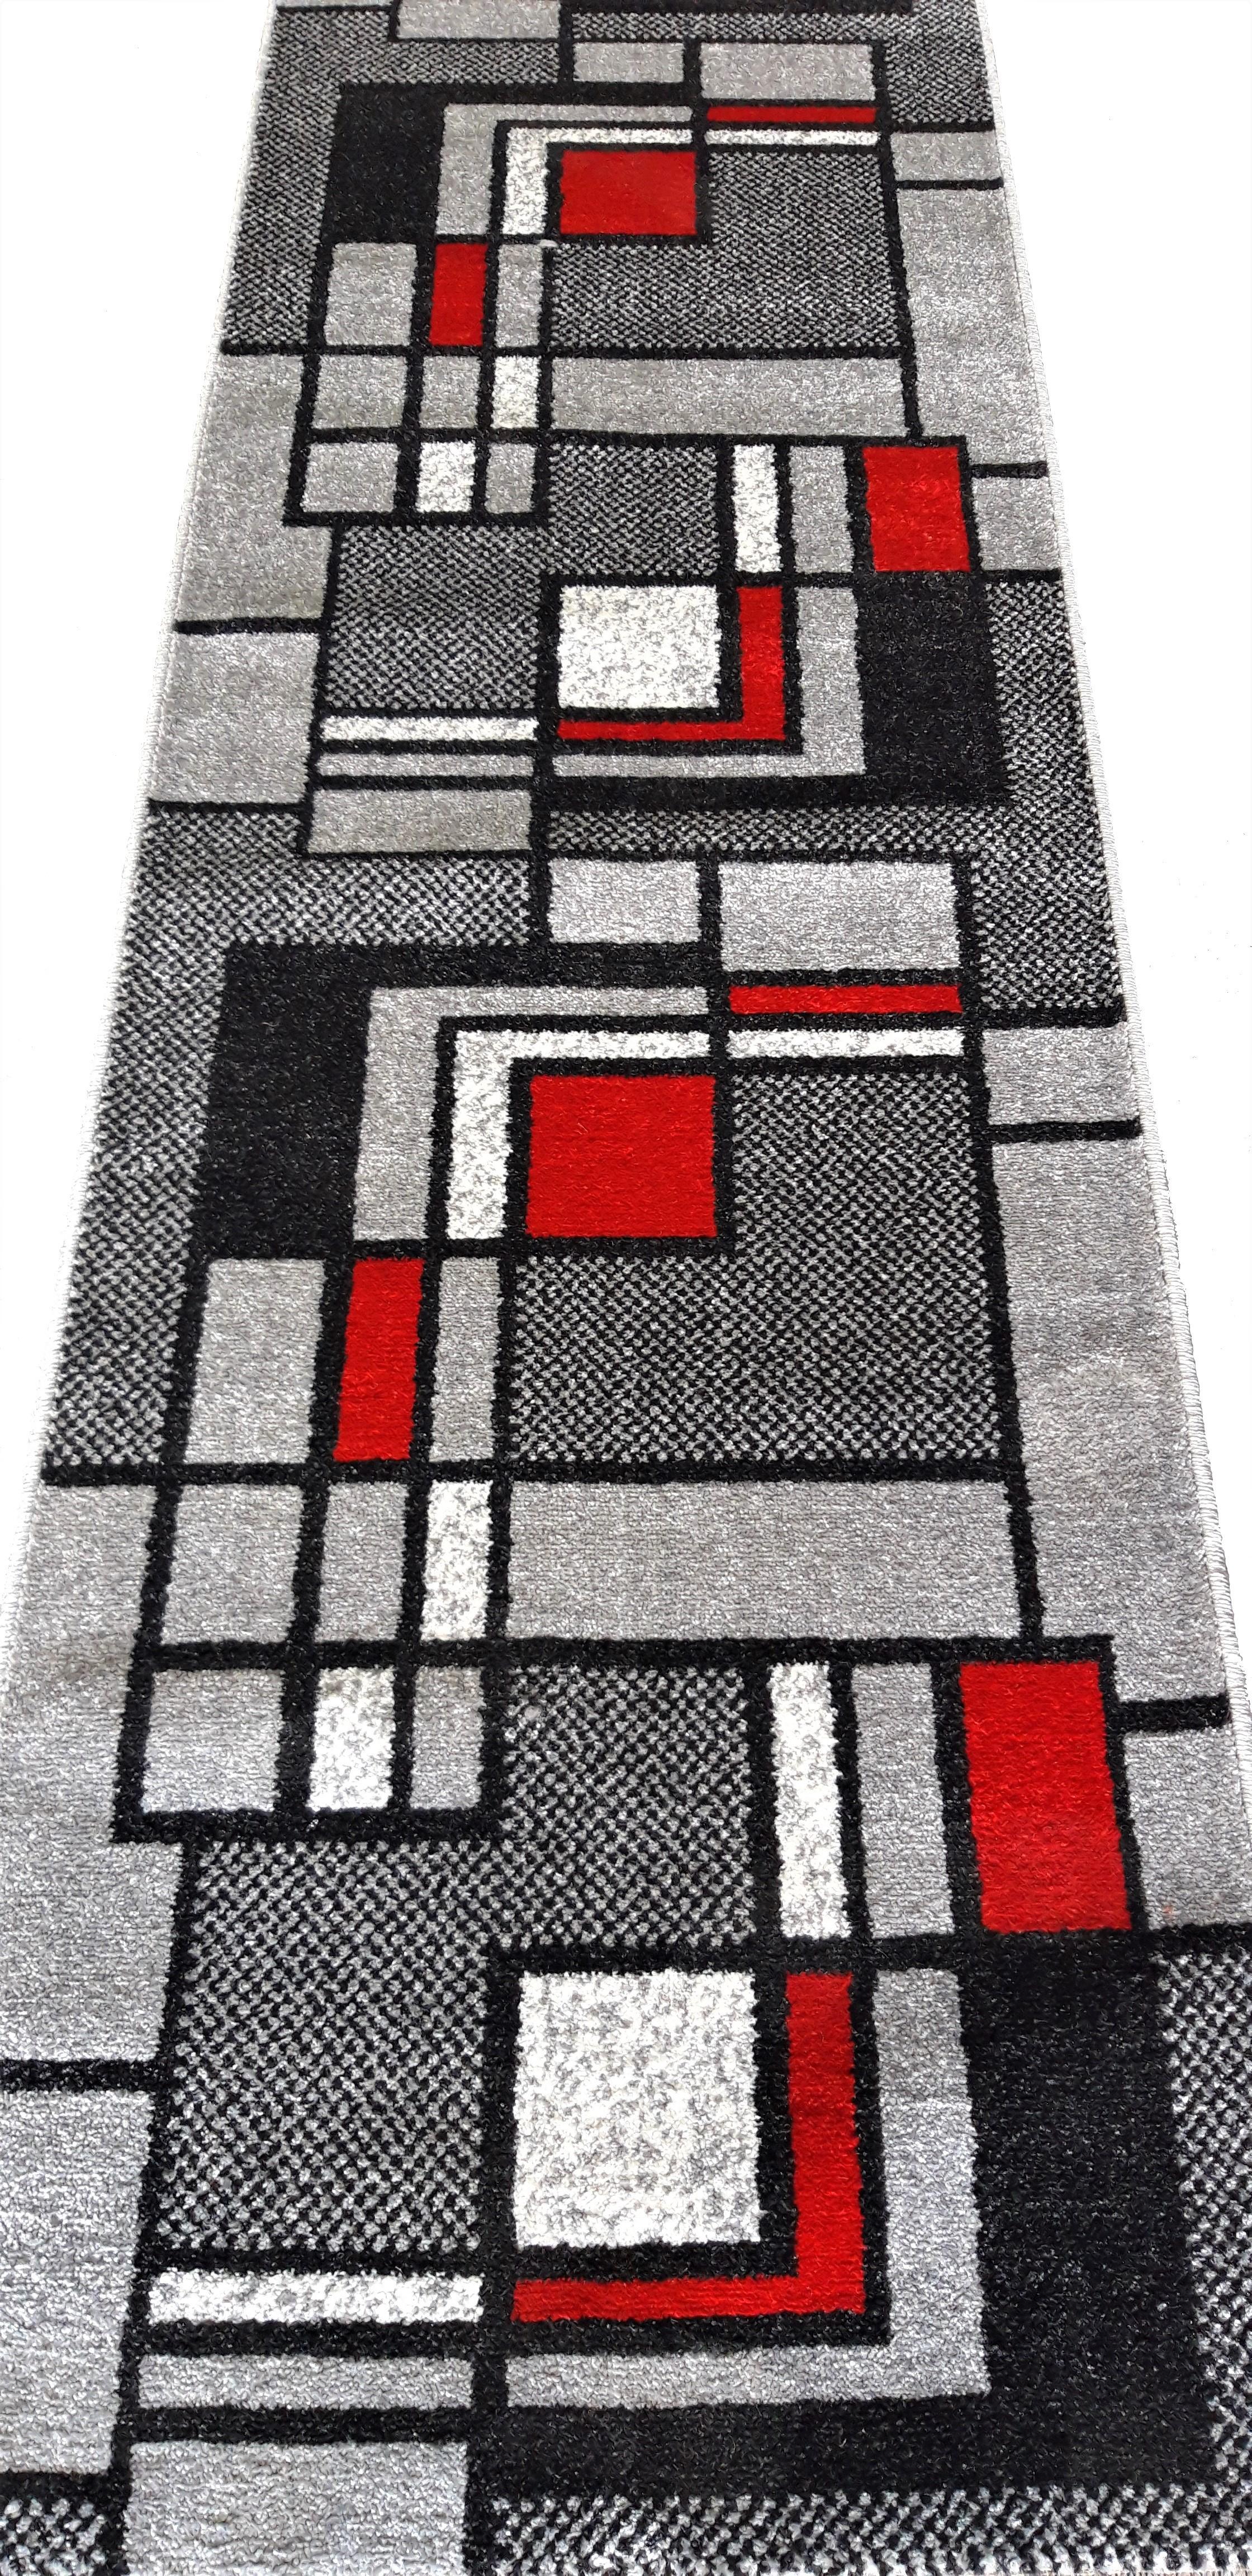 Traversa Covor, Cappuccino 16406, Multicolor, 80x800 cm, 1700 gr/mp 1